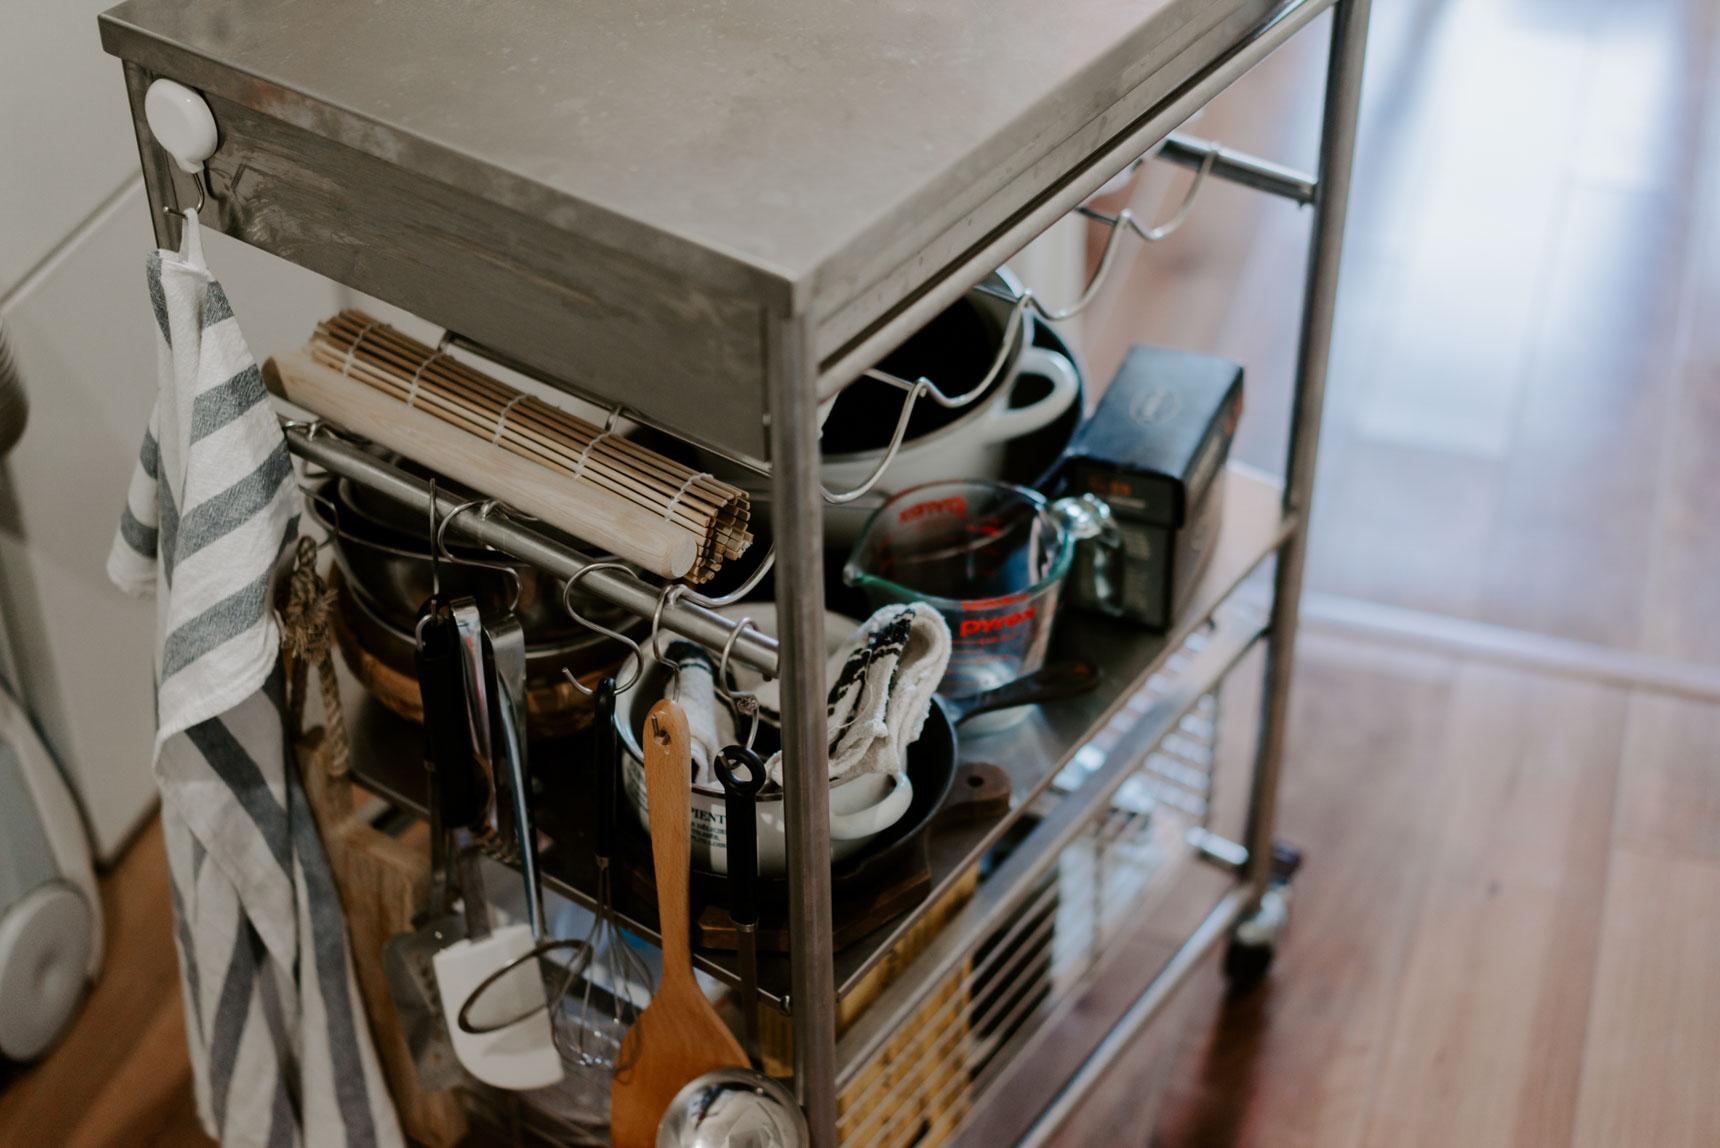 こちらはIKEAのステンレスタイプのワゴン。キッチンが狭い場合は、ふだんは居室内に置いておき、使う時だけ移動させてくるのもありです。(このお部屋はこちら)